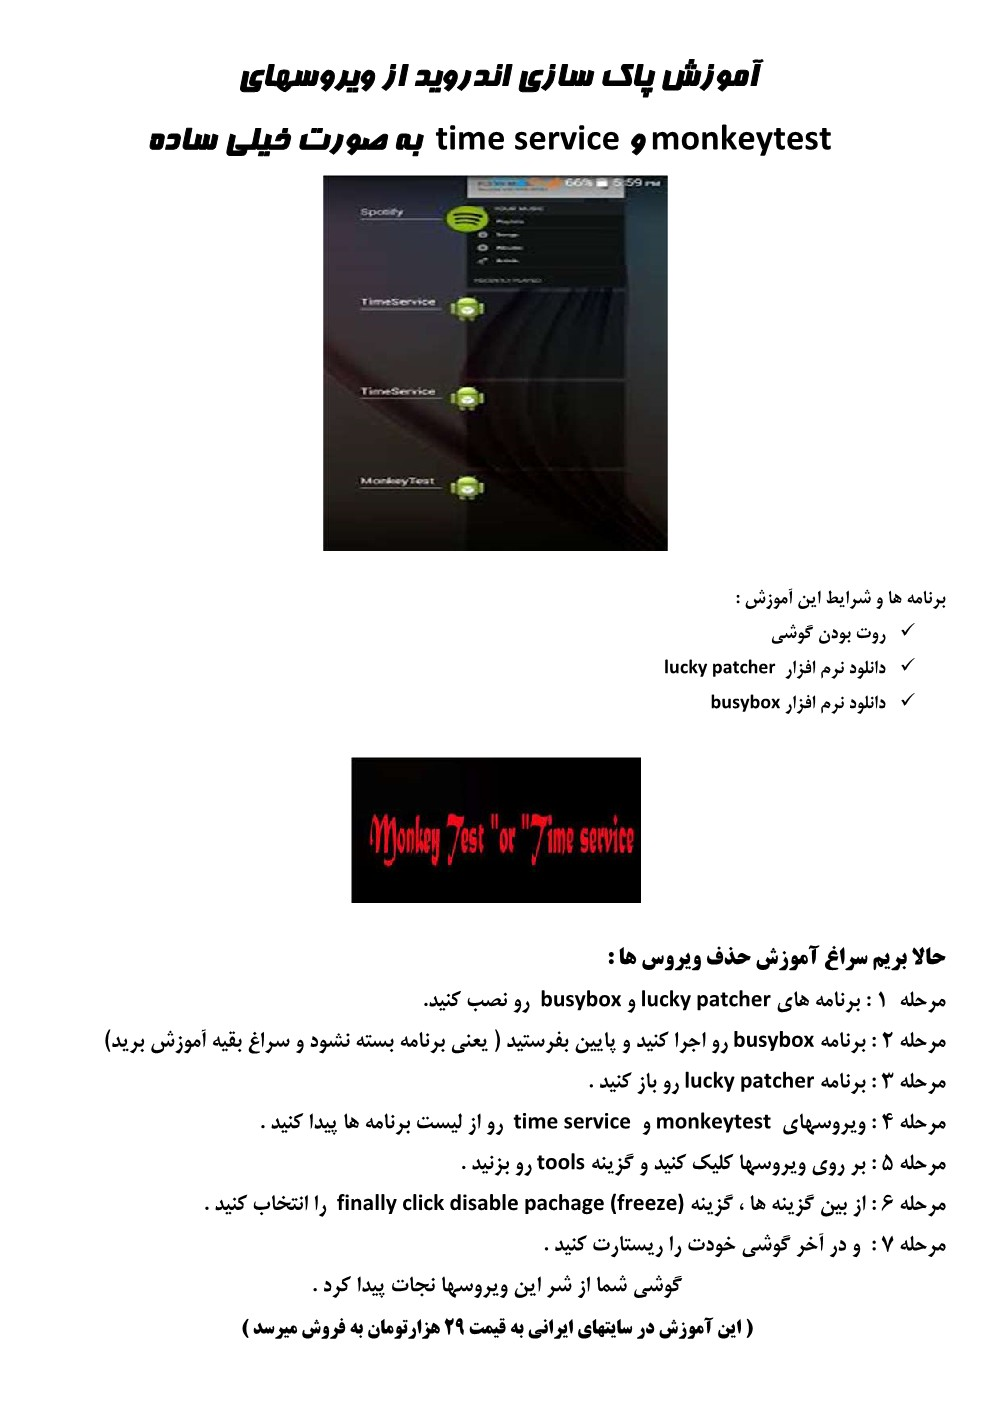 آموزش حذف ویروس monkeytest و time service در اندروید